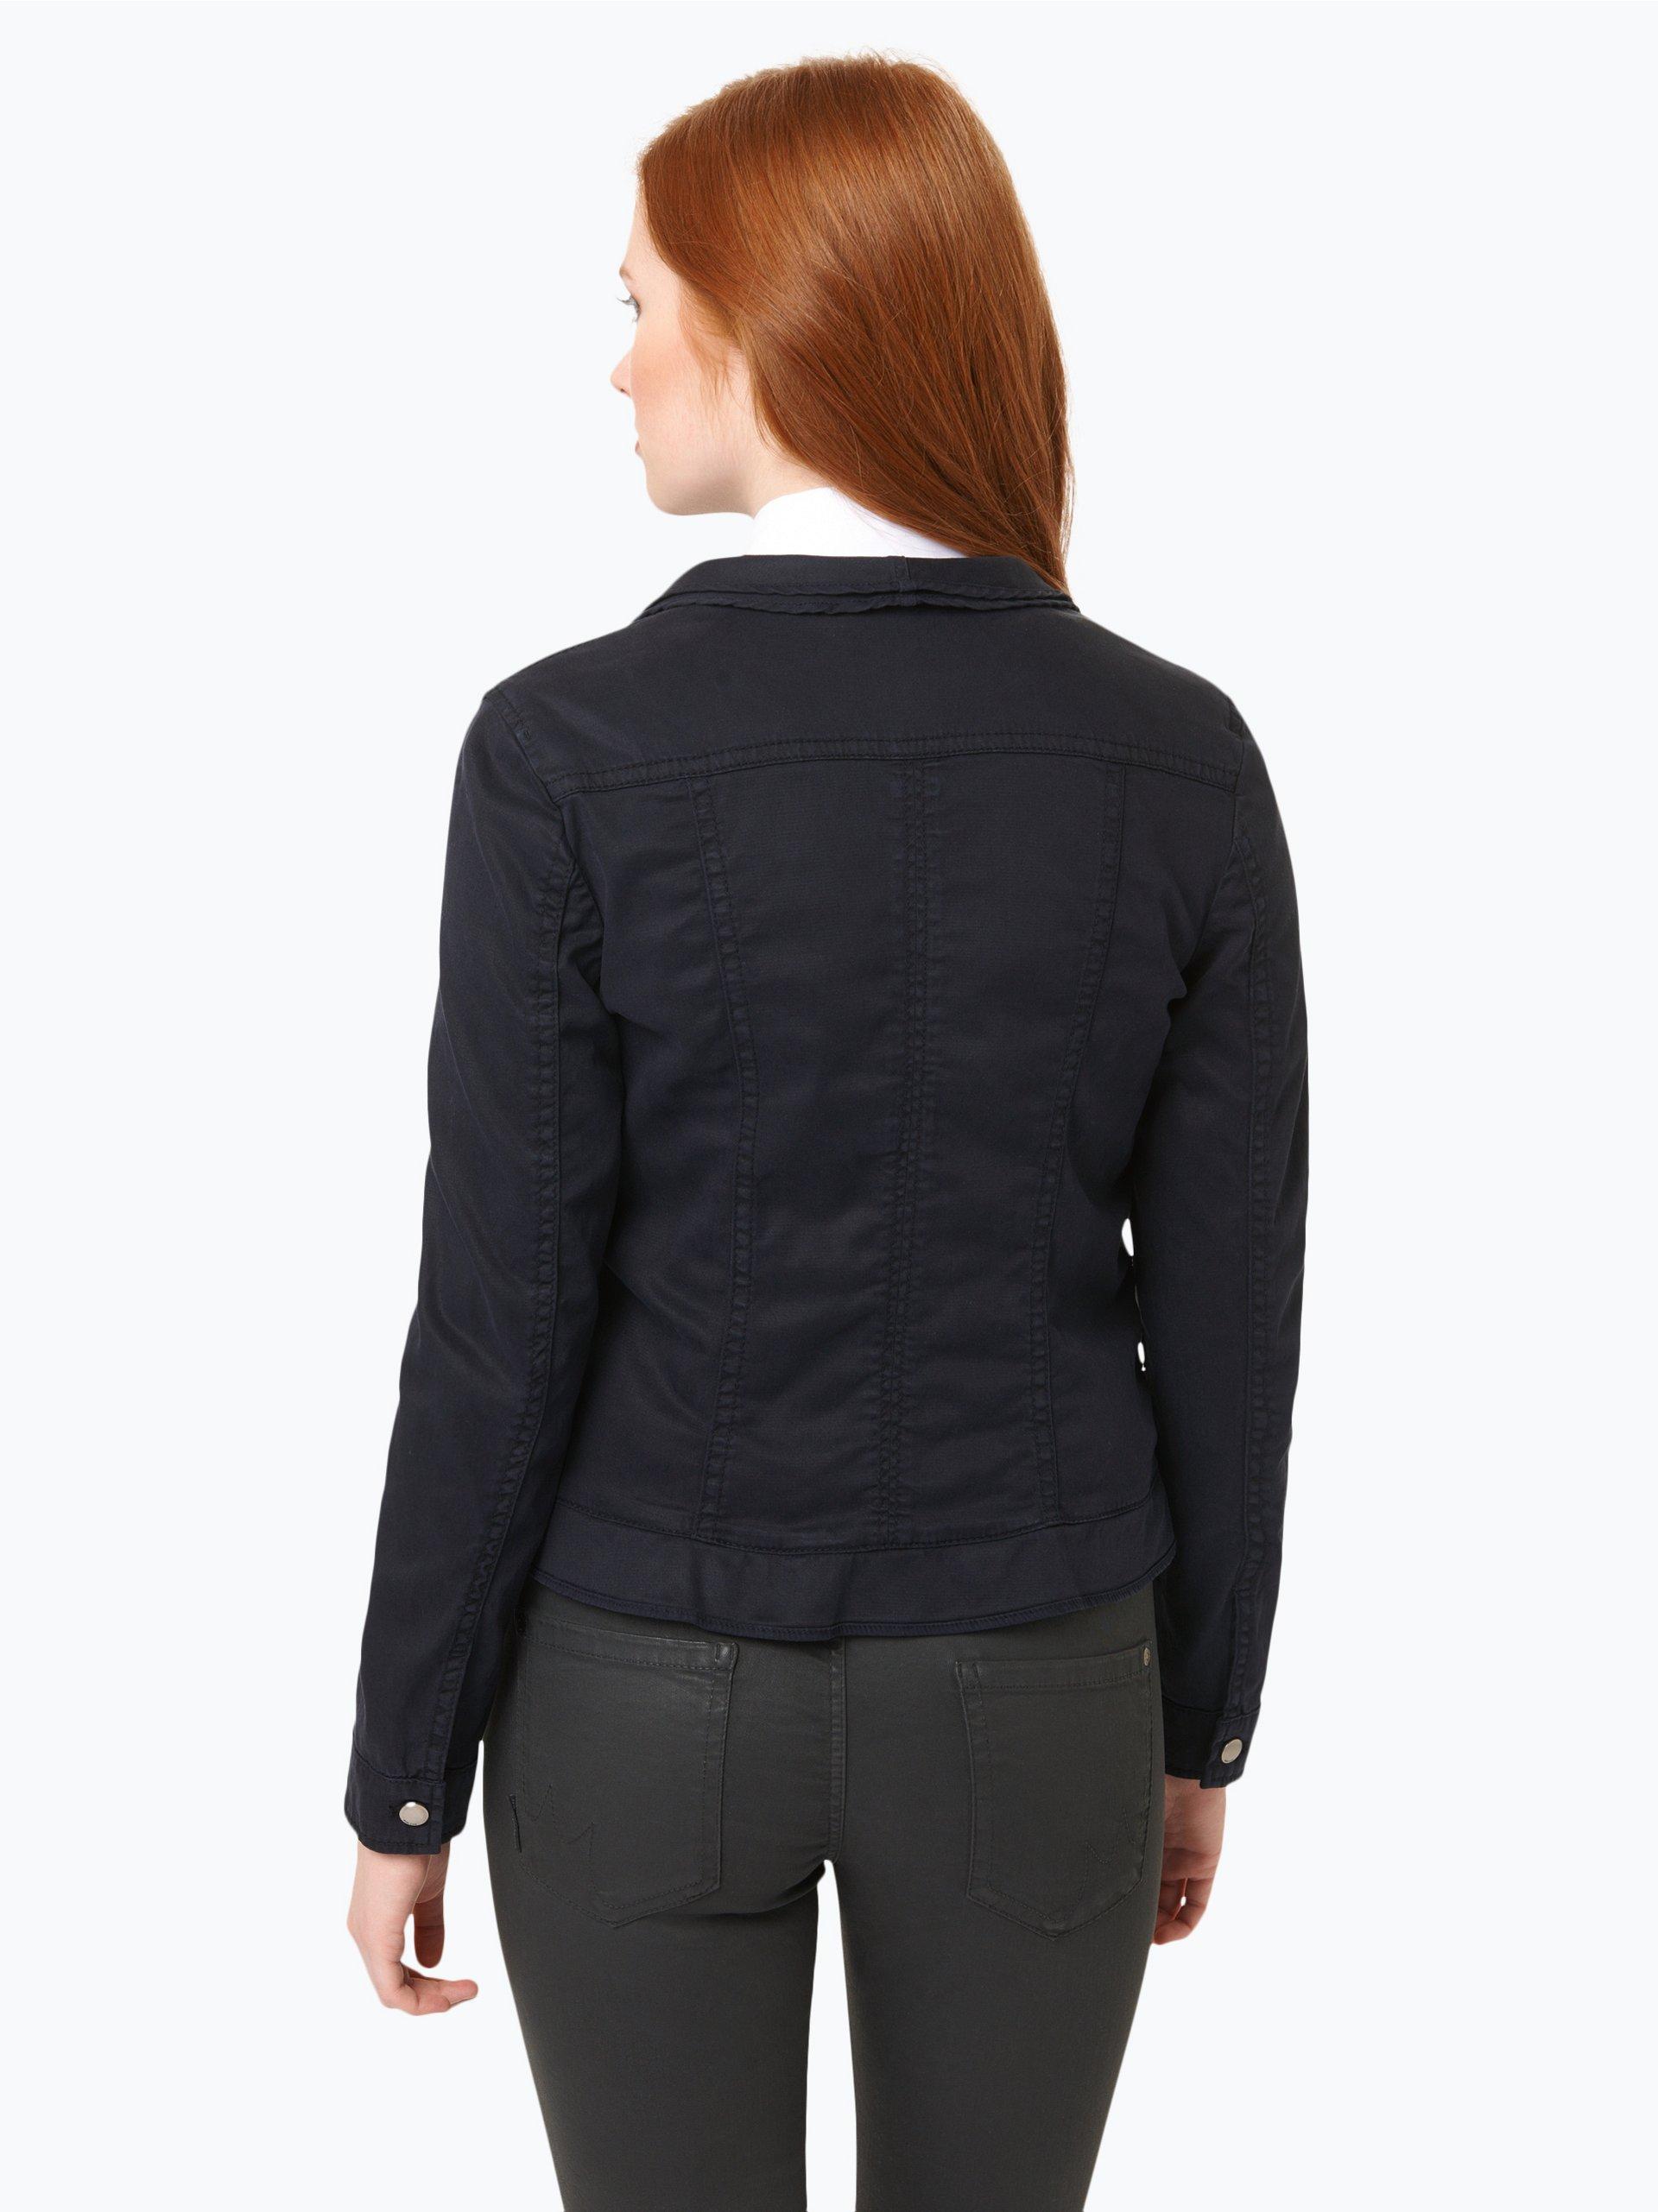 marc cain sports damen blazer marine uni online kaufen peek und cloppenburg de. Black Bedroom Furniture Sets. Home Design Ideas